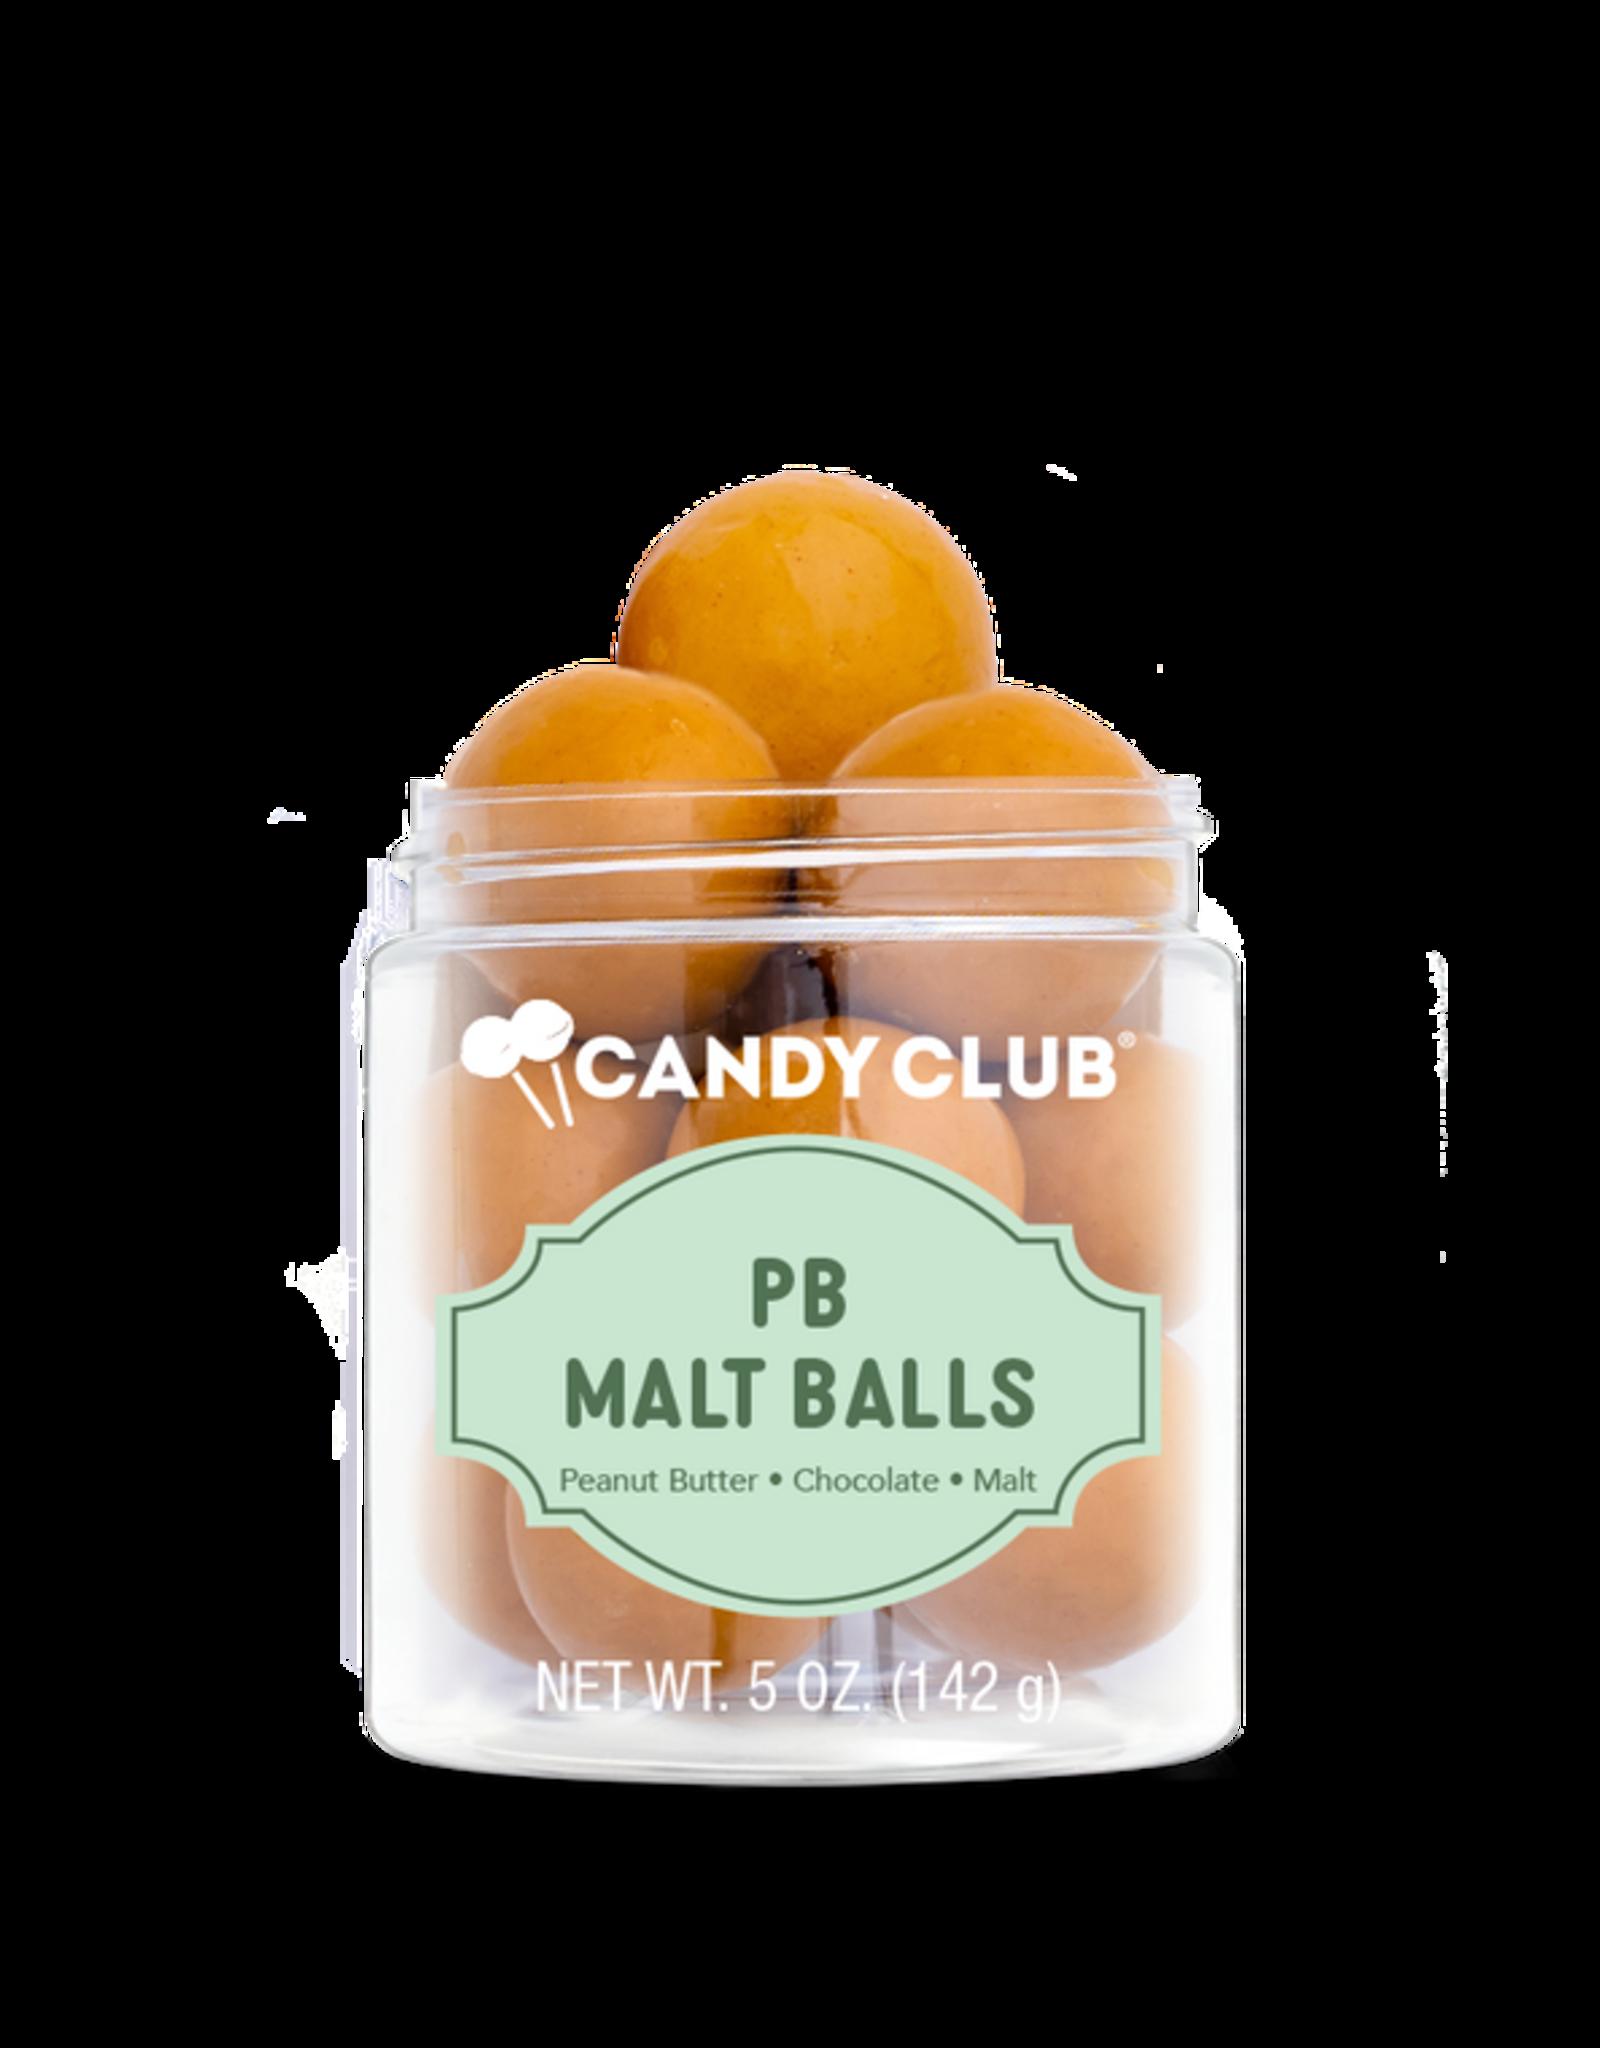 Candy Club LLC Candy Club PB Malt Balls